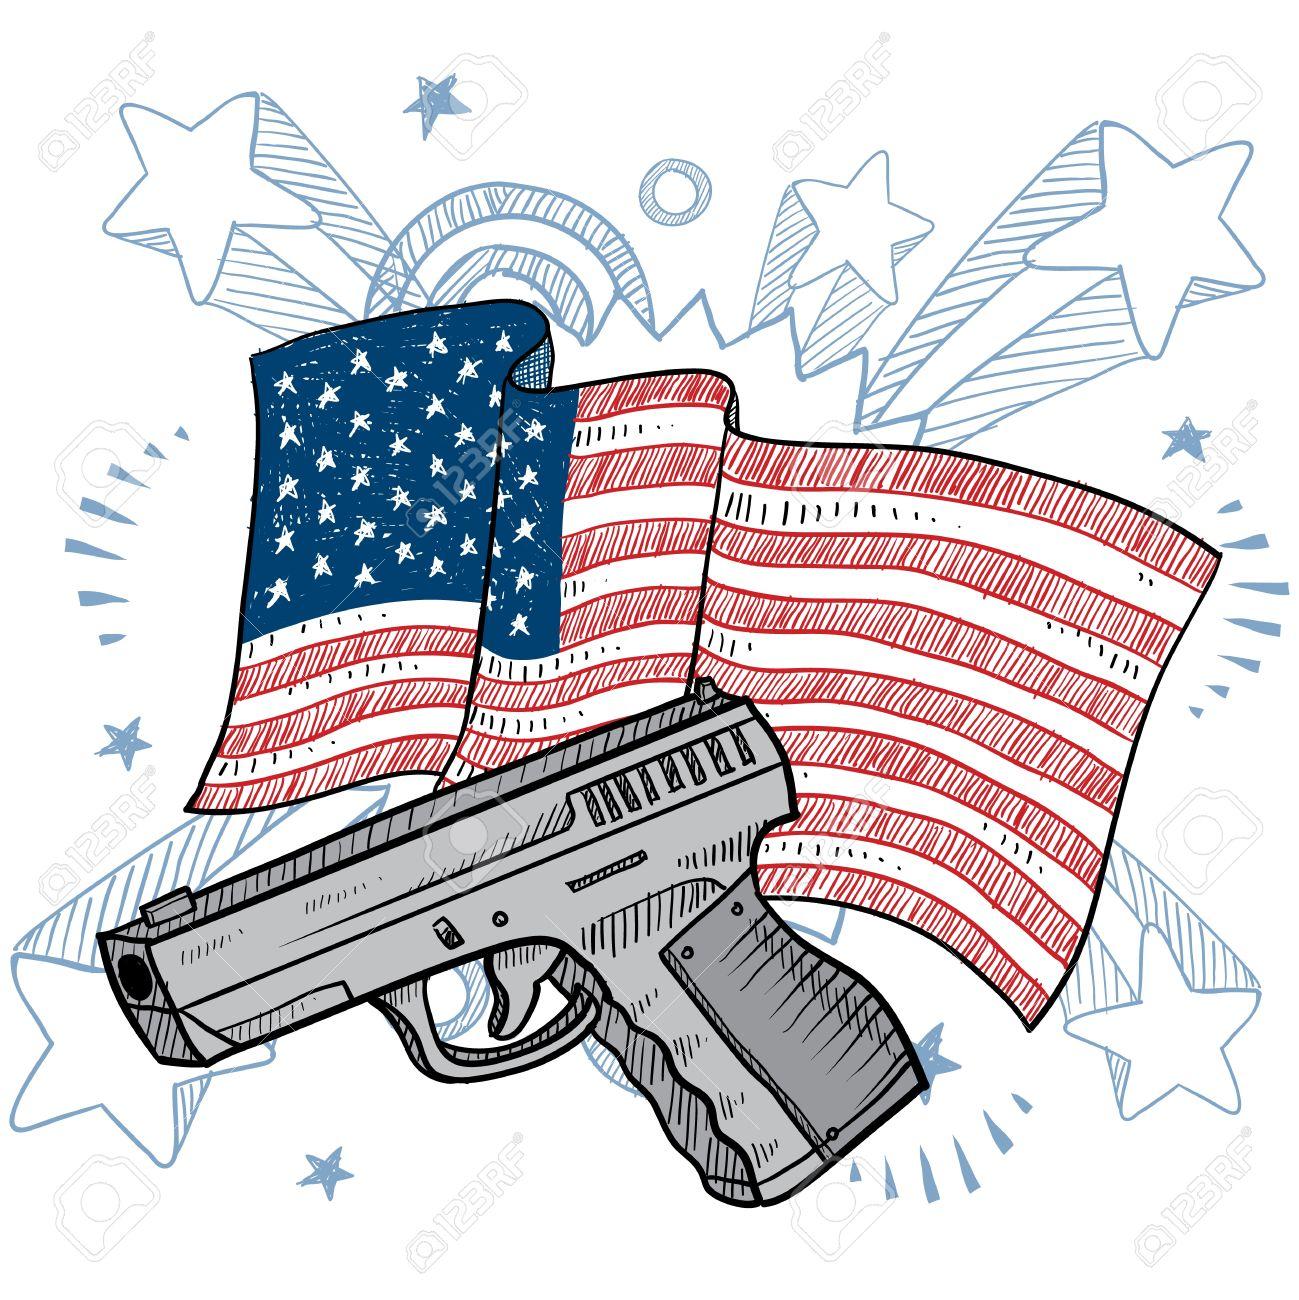 1299x1300 Doodle Style Second Amendment Handgun Or Pistol Color Illustration